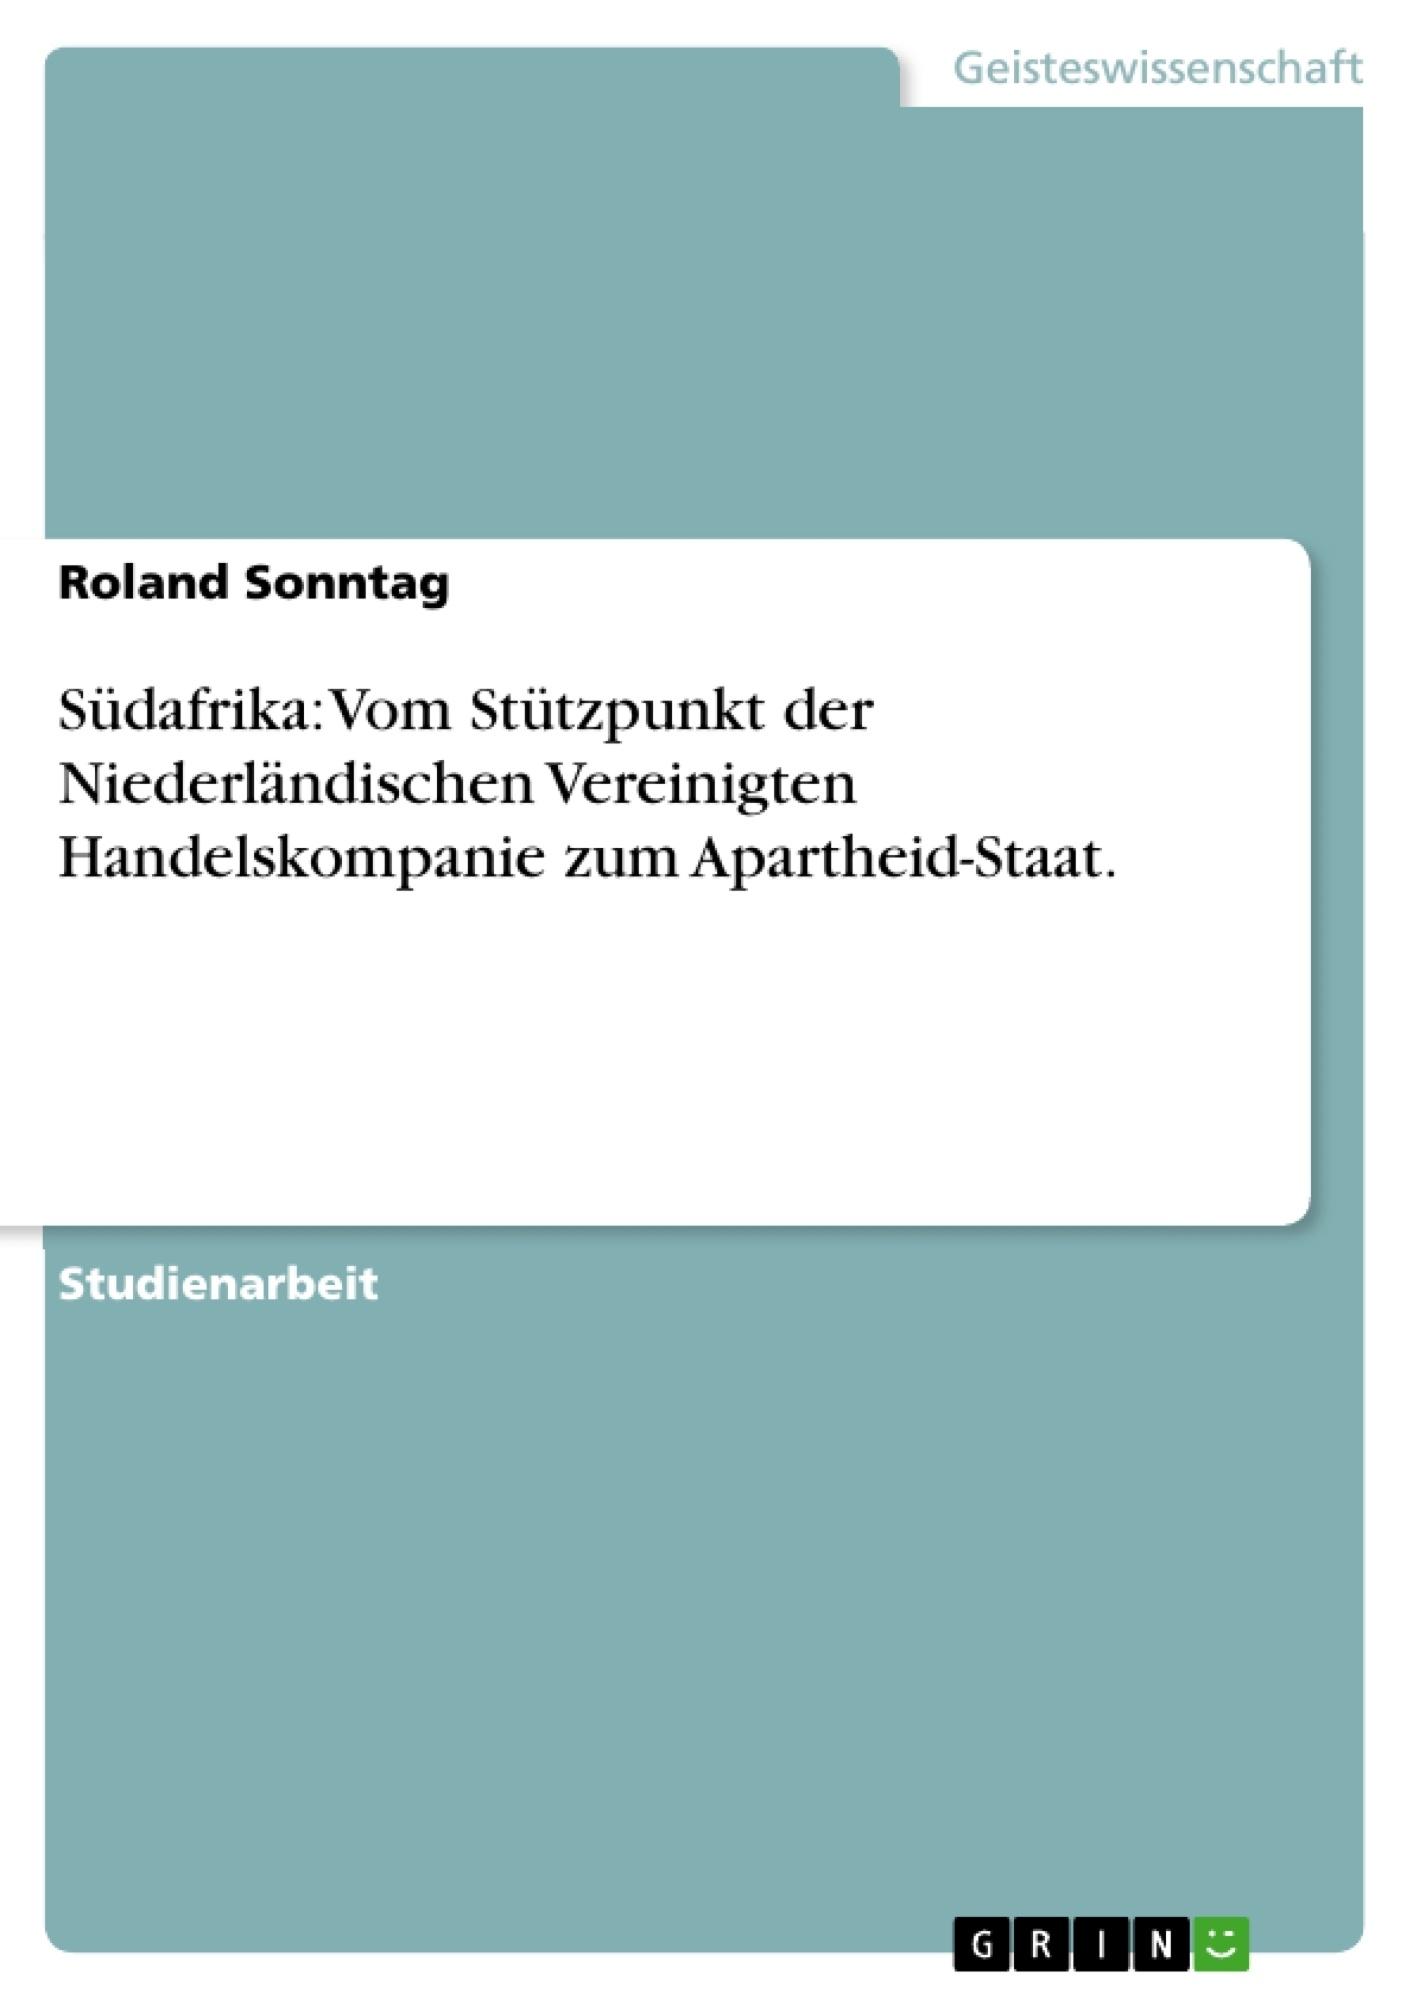 Titel: Südafrika: Vom Stützpunkt der Niederländischen Vereinigten Handelskompanie zum Apartheid-Staat.